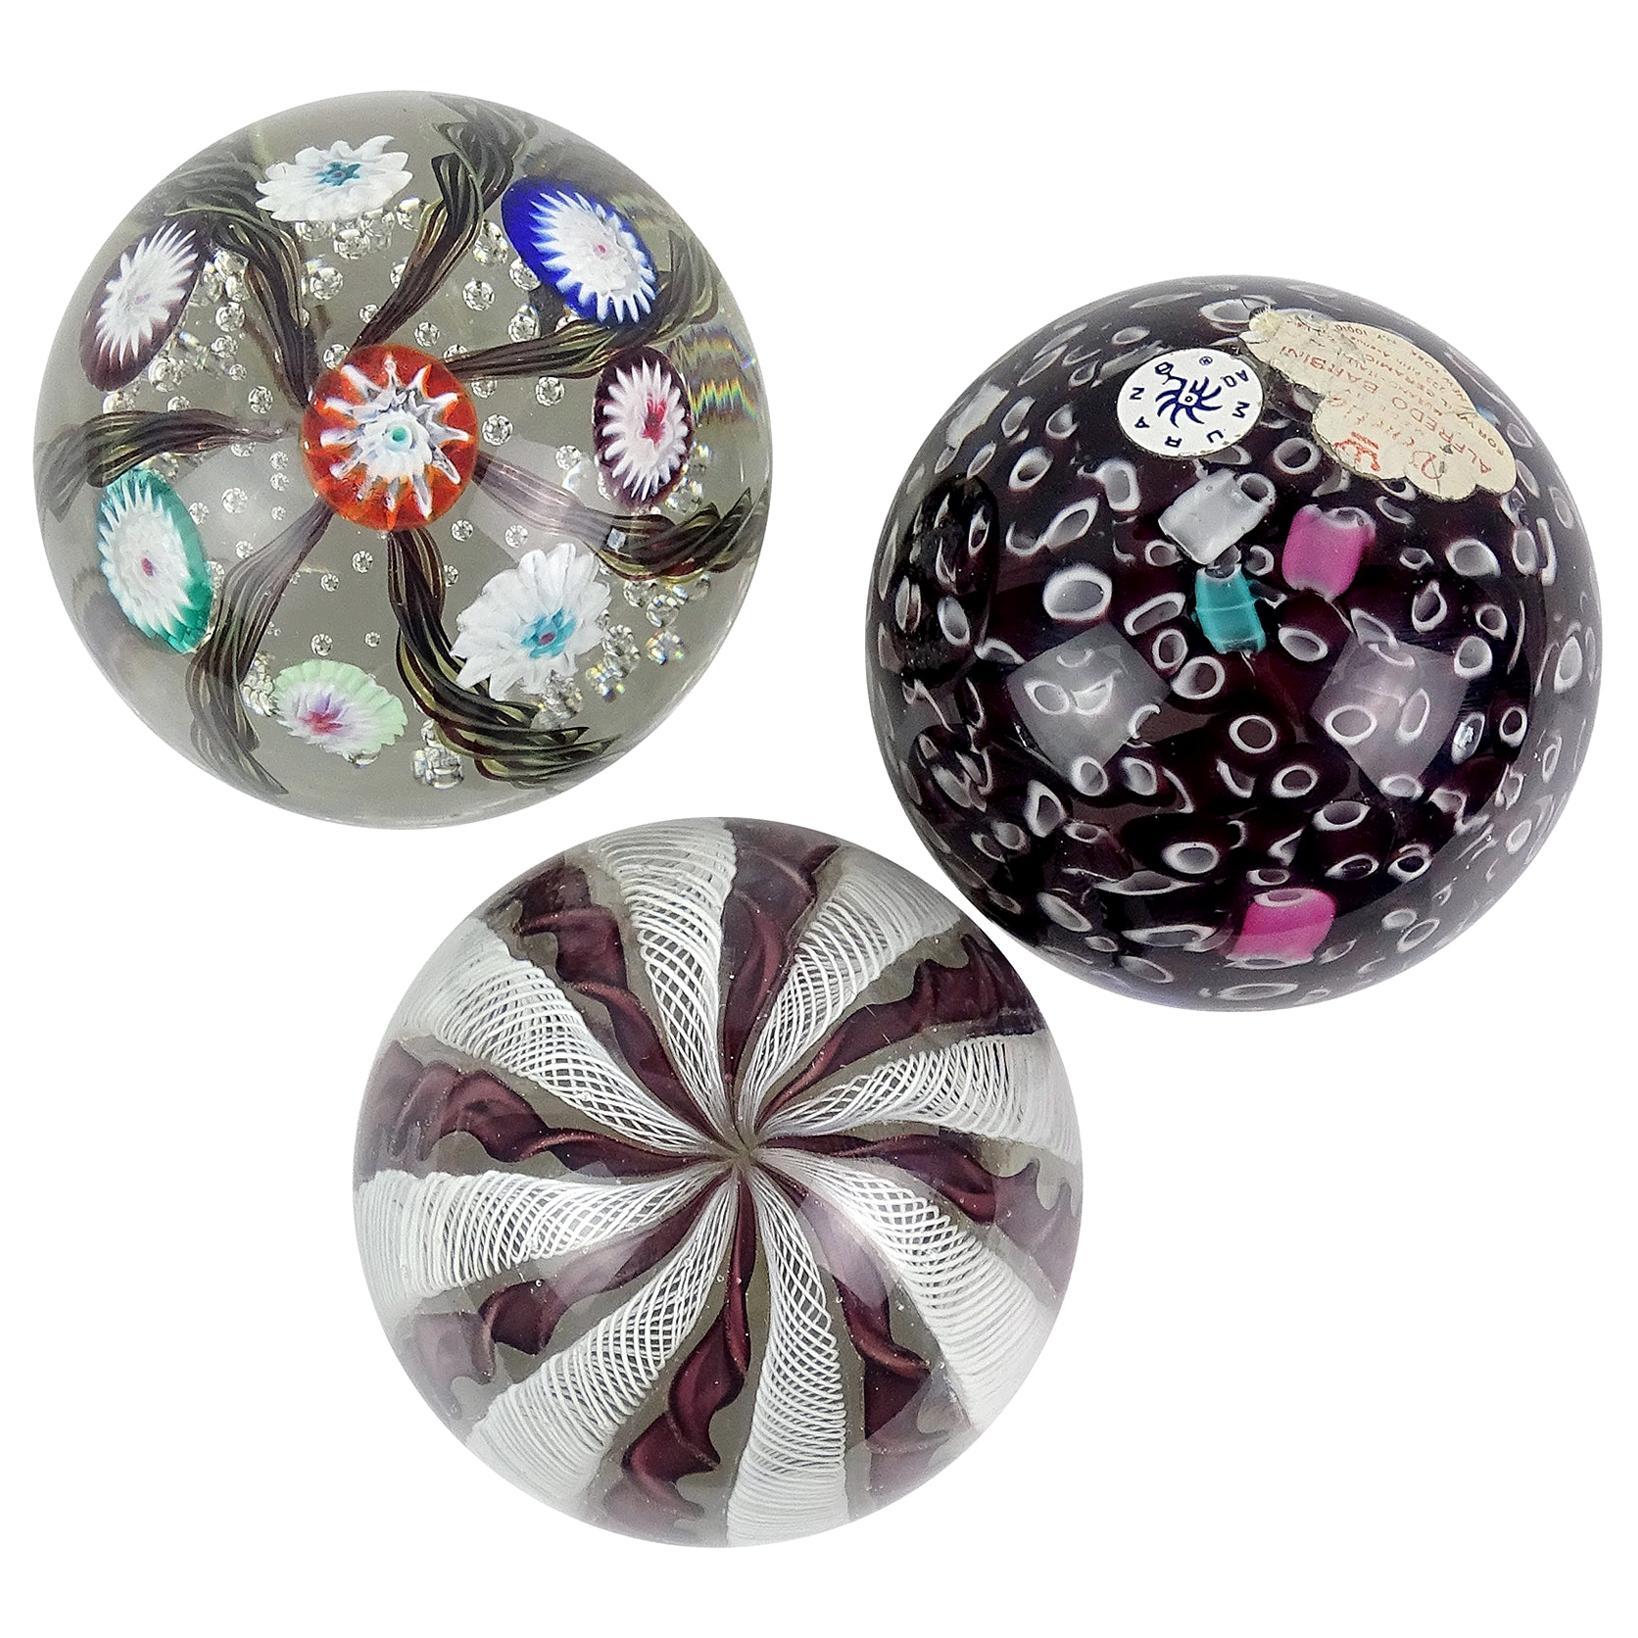 Murano Fratelli Toso and Barbini Murrine Ribbons Italian Art Glass Paperweights